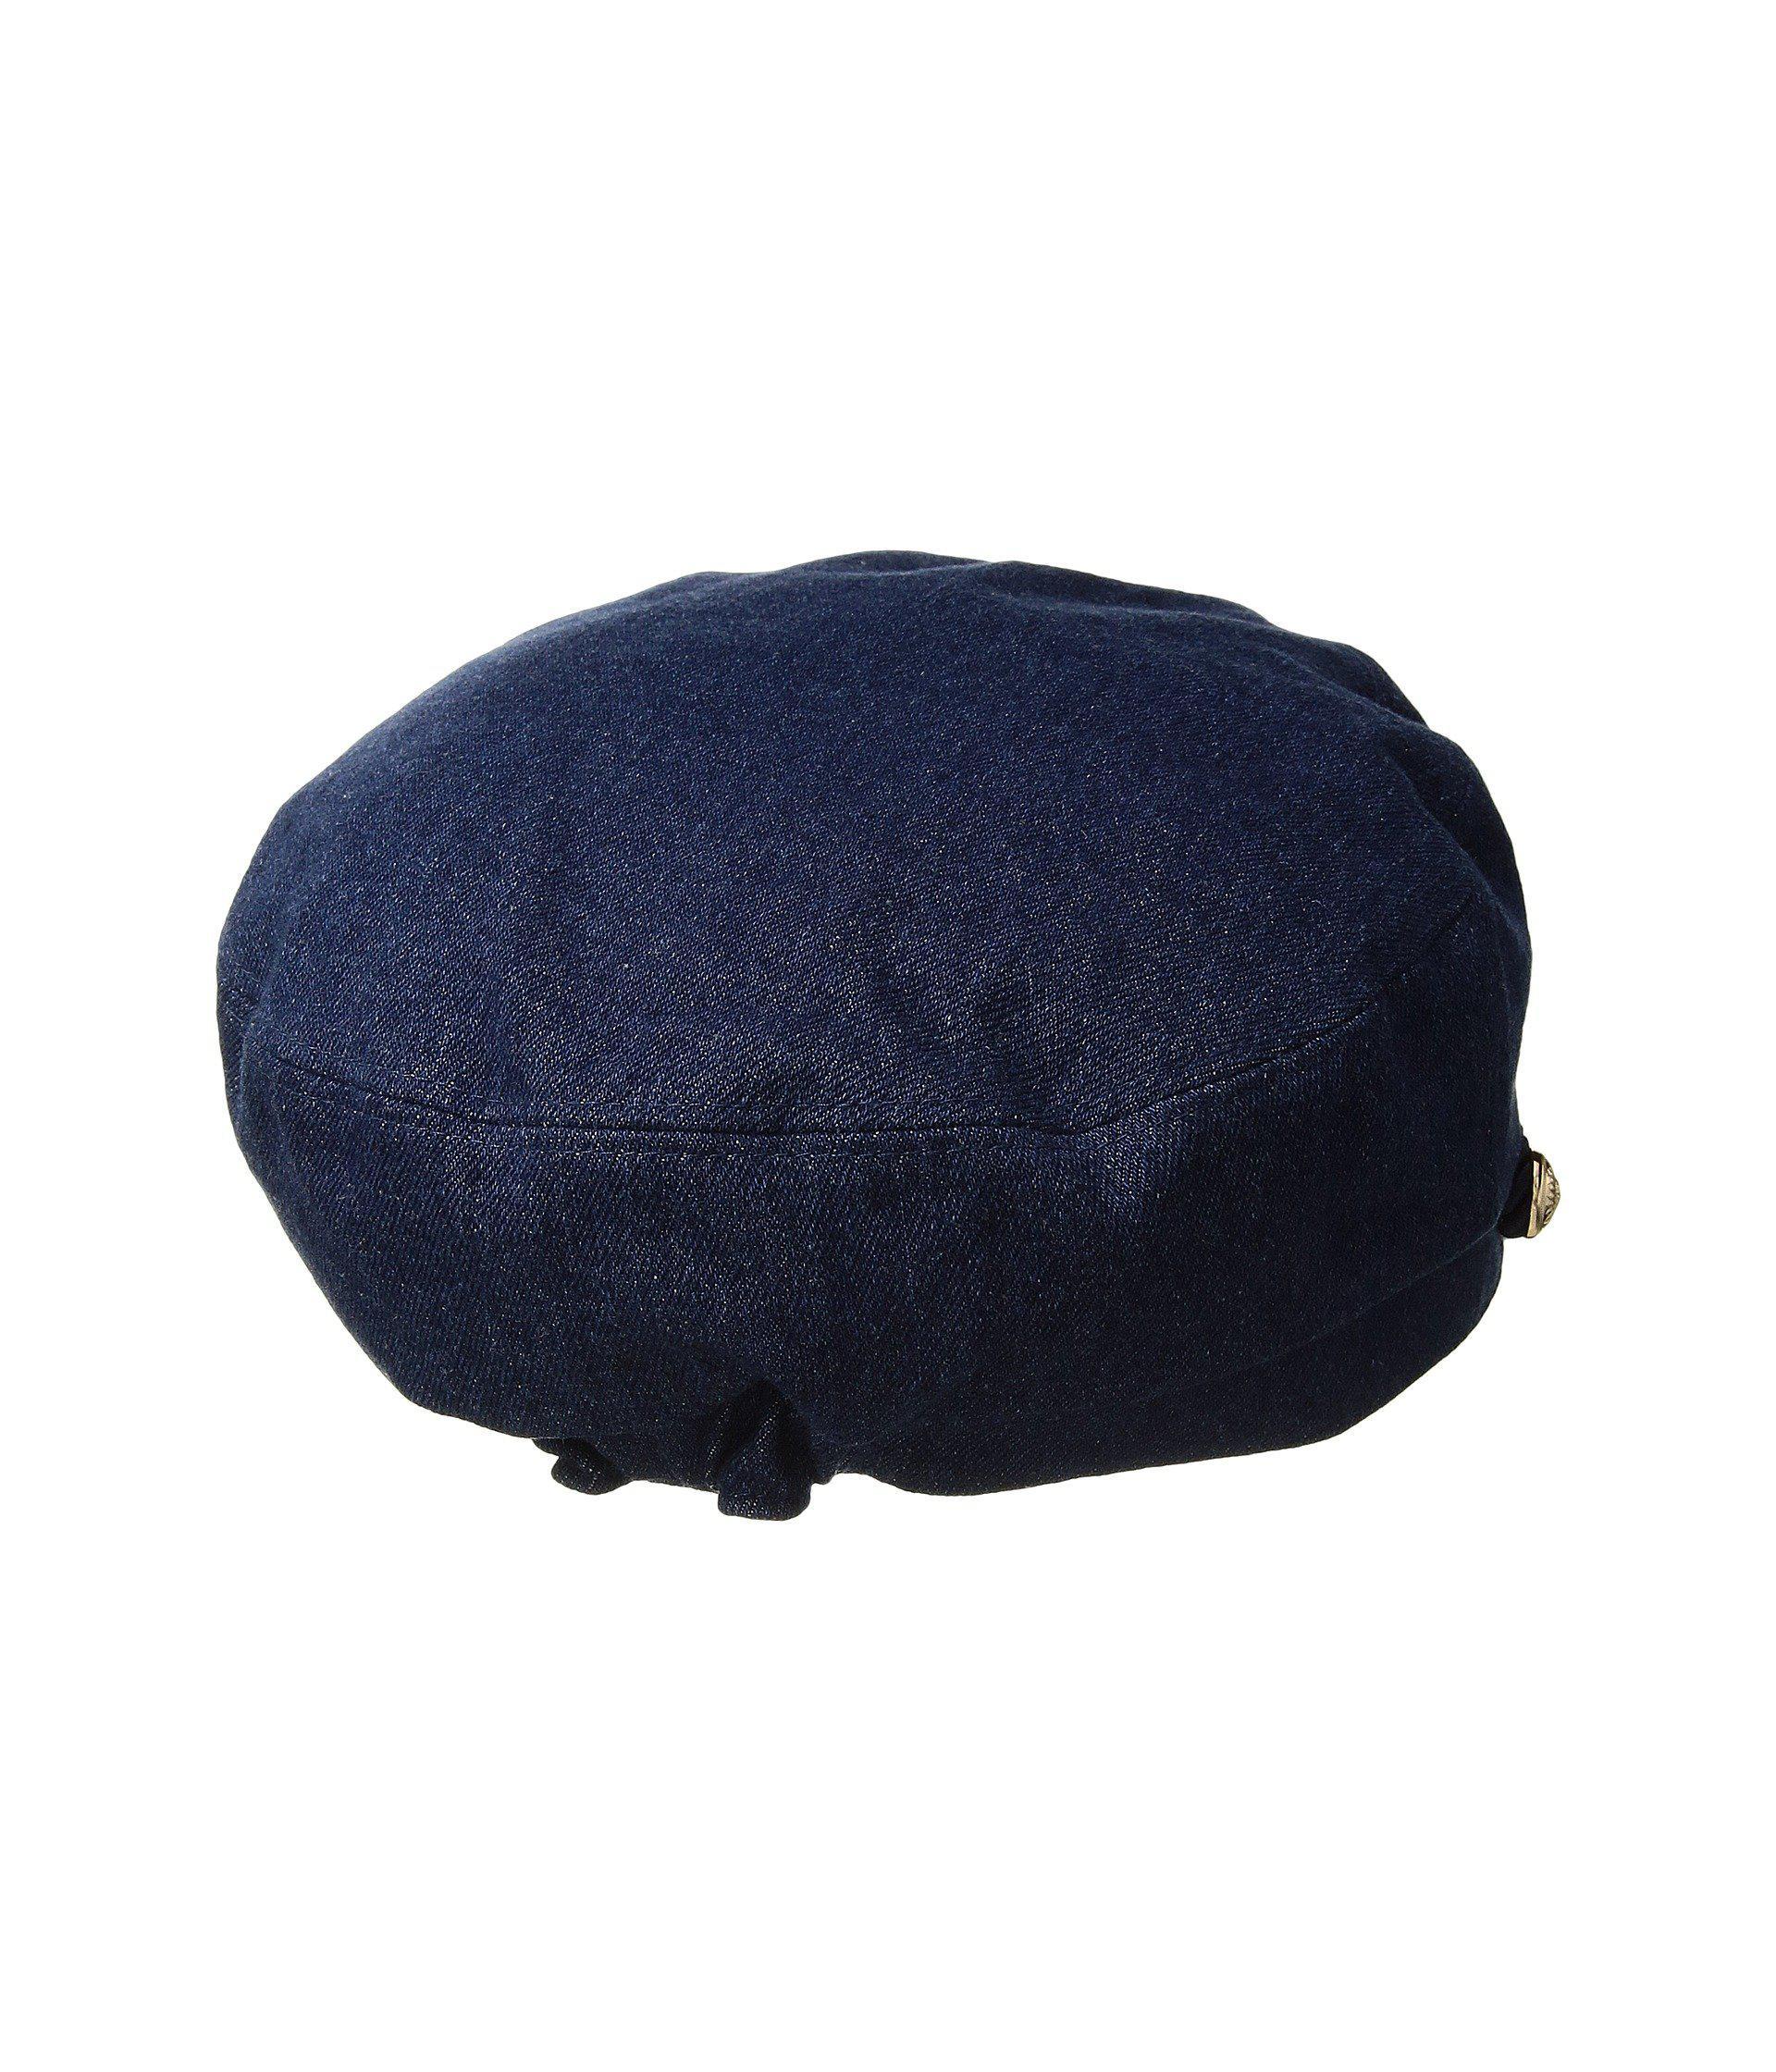 ddbb61a17bafc Hat Attack - Blue Summer Emmy Newsboy Cap (denim) Caps - Lyst. View  fullscreen